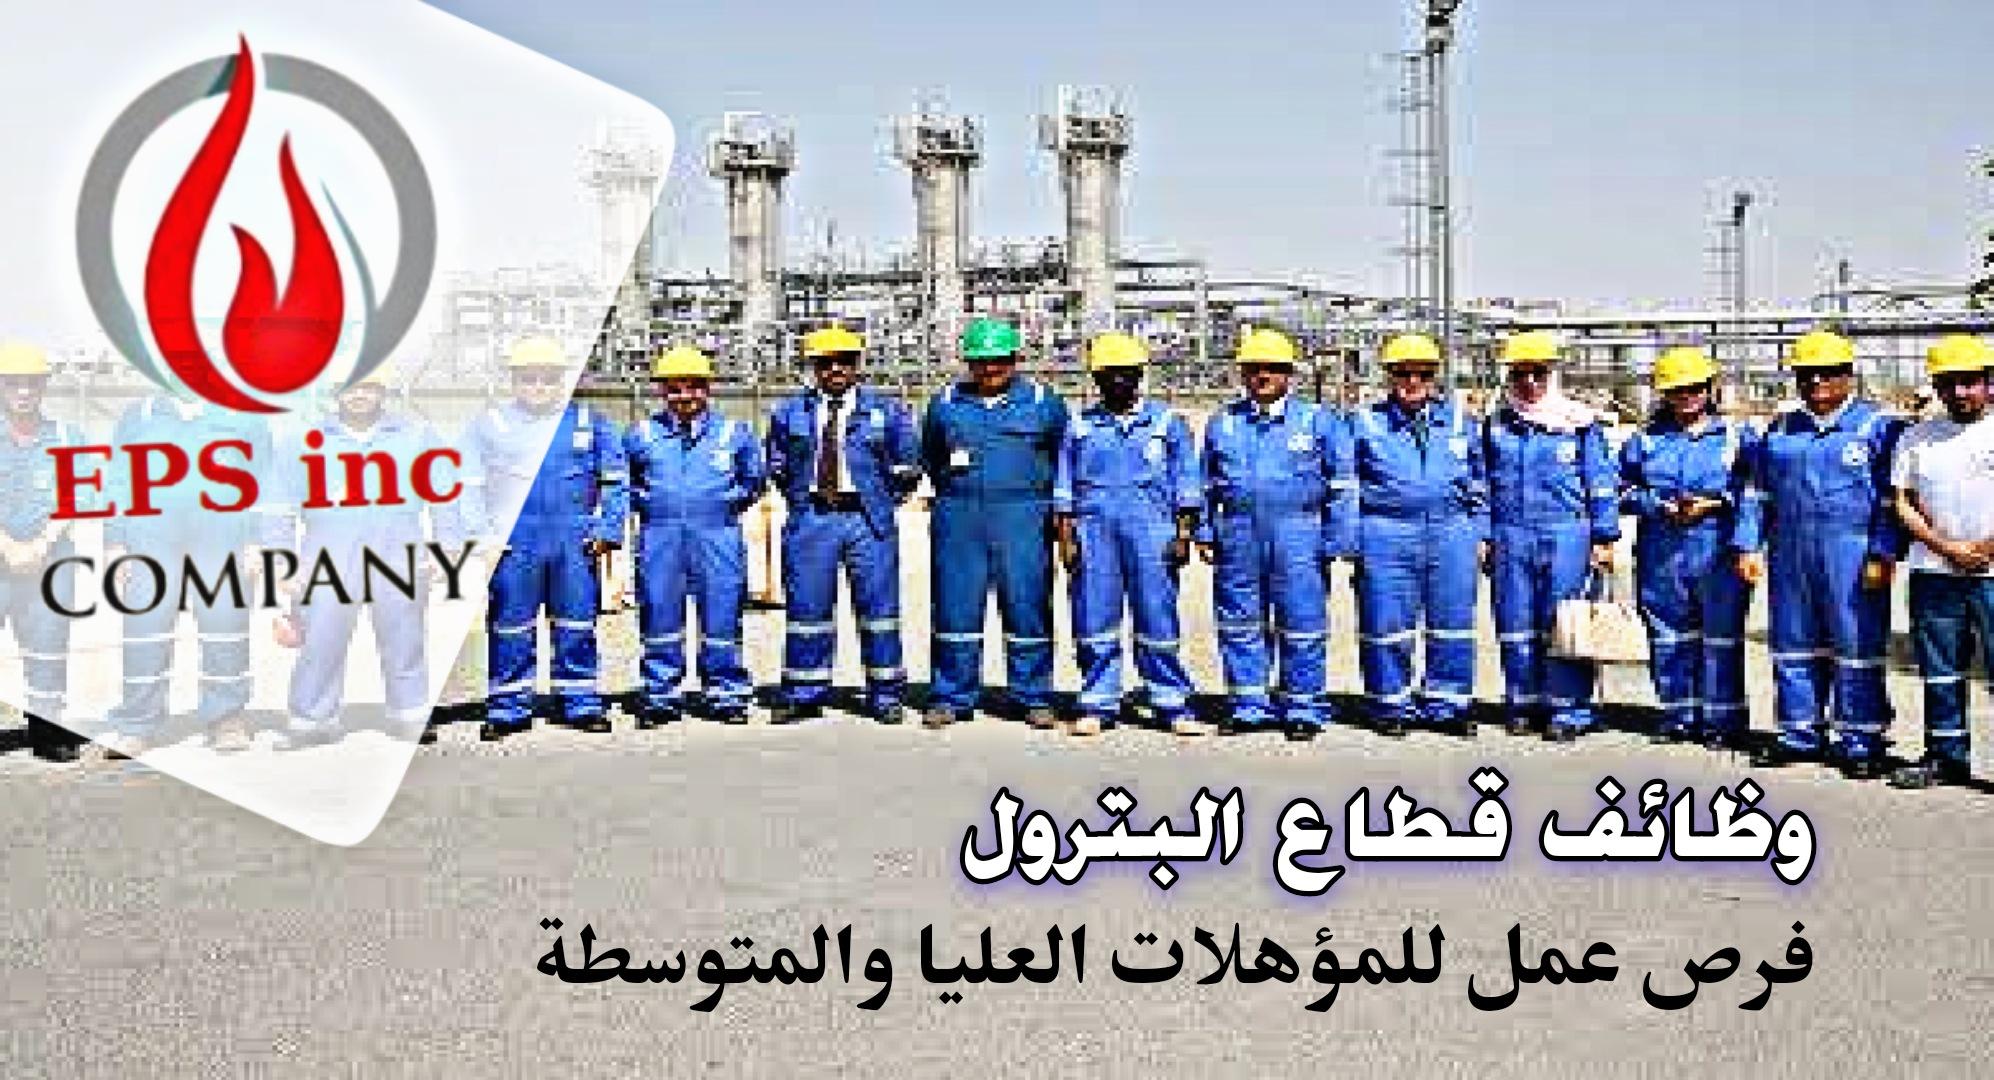 وظائف البترول 2021 - شركة خدمات بترولية تطلب مؤهلات عليا ومتوسطة التقديم الكترونيا